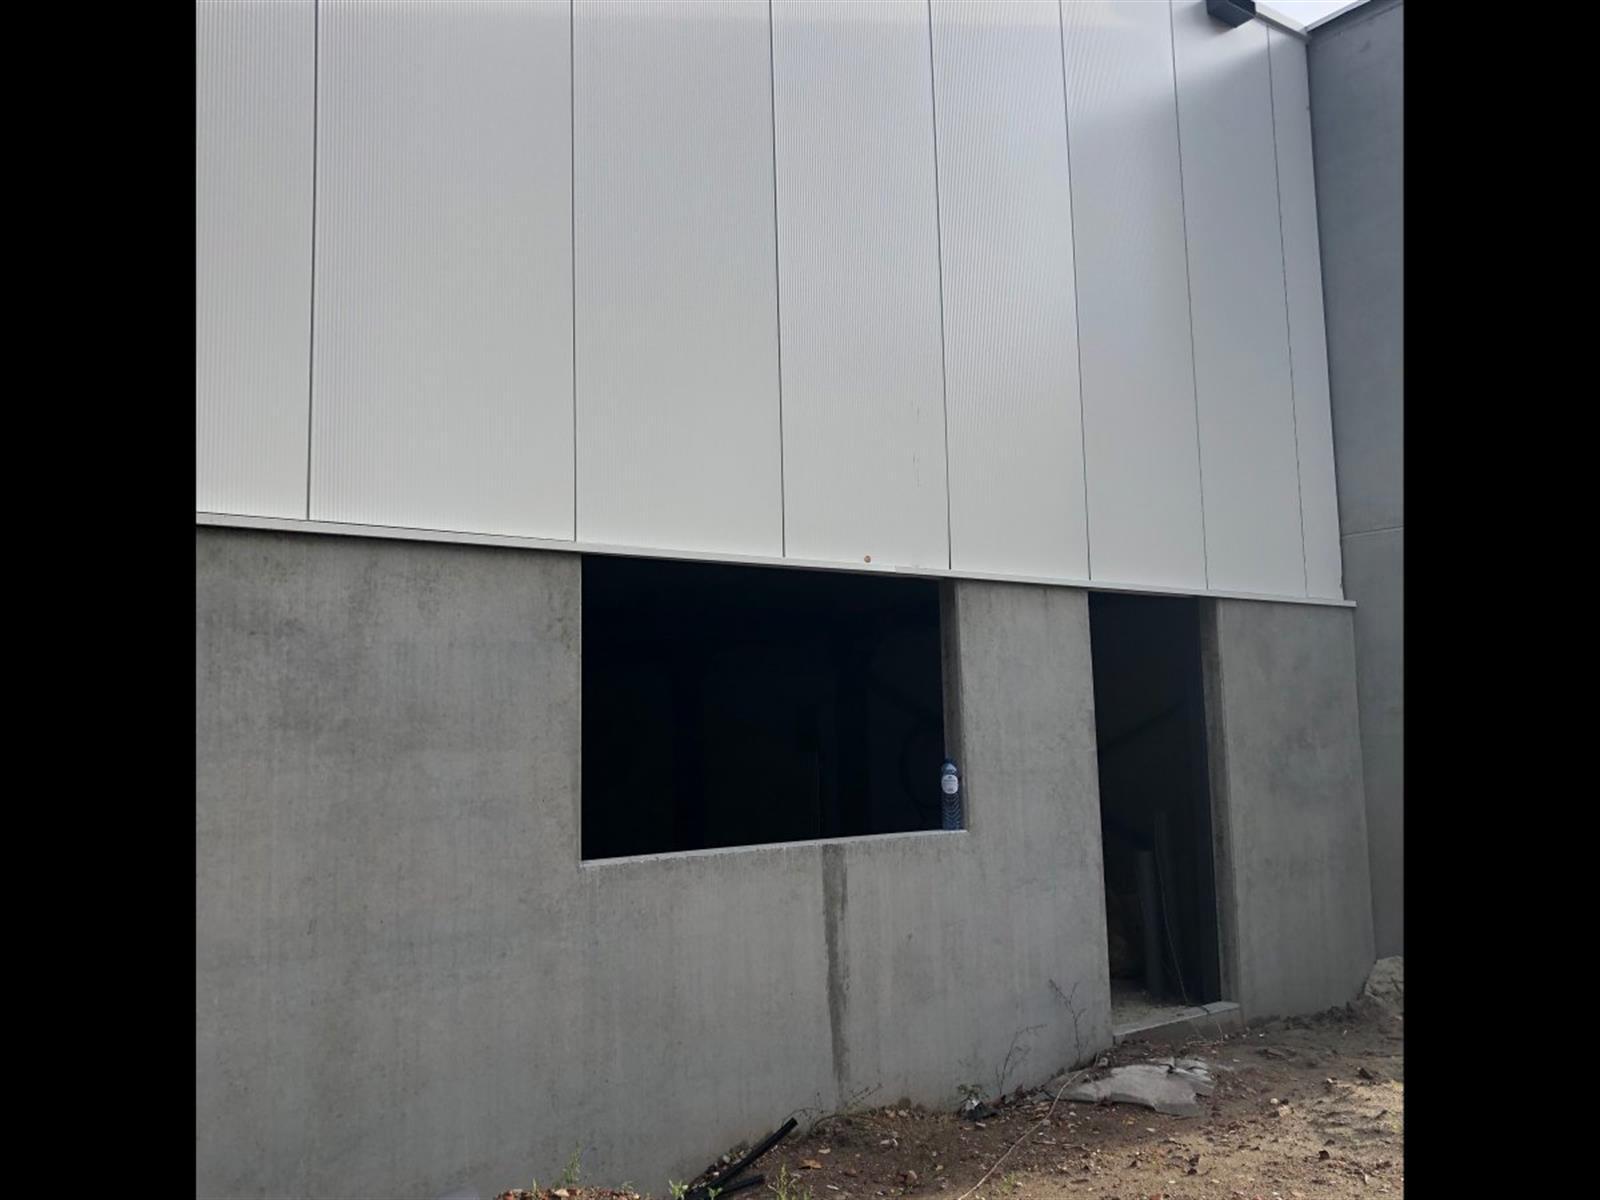 industrieel gebouw te koop I120 - Industriehal - Nieuwpoortlaan 15 A, 3600 Genk, België 9